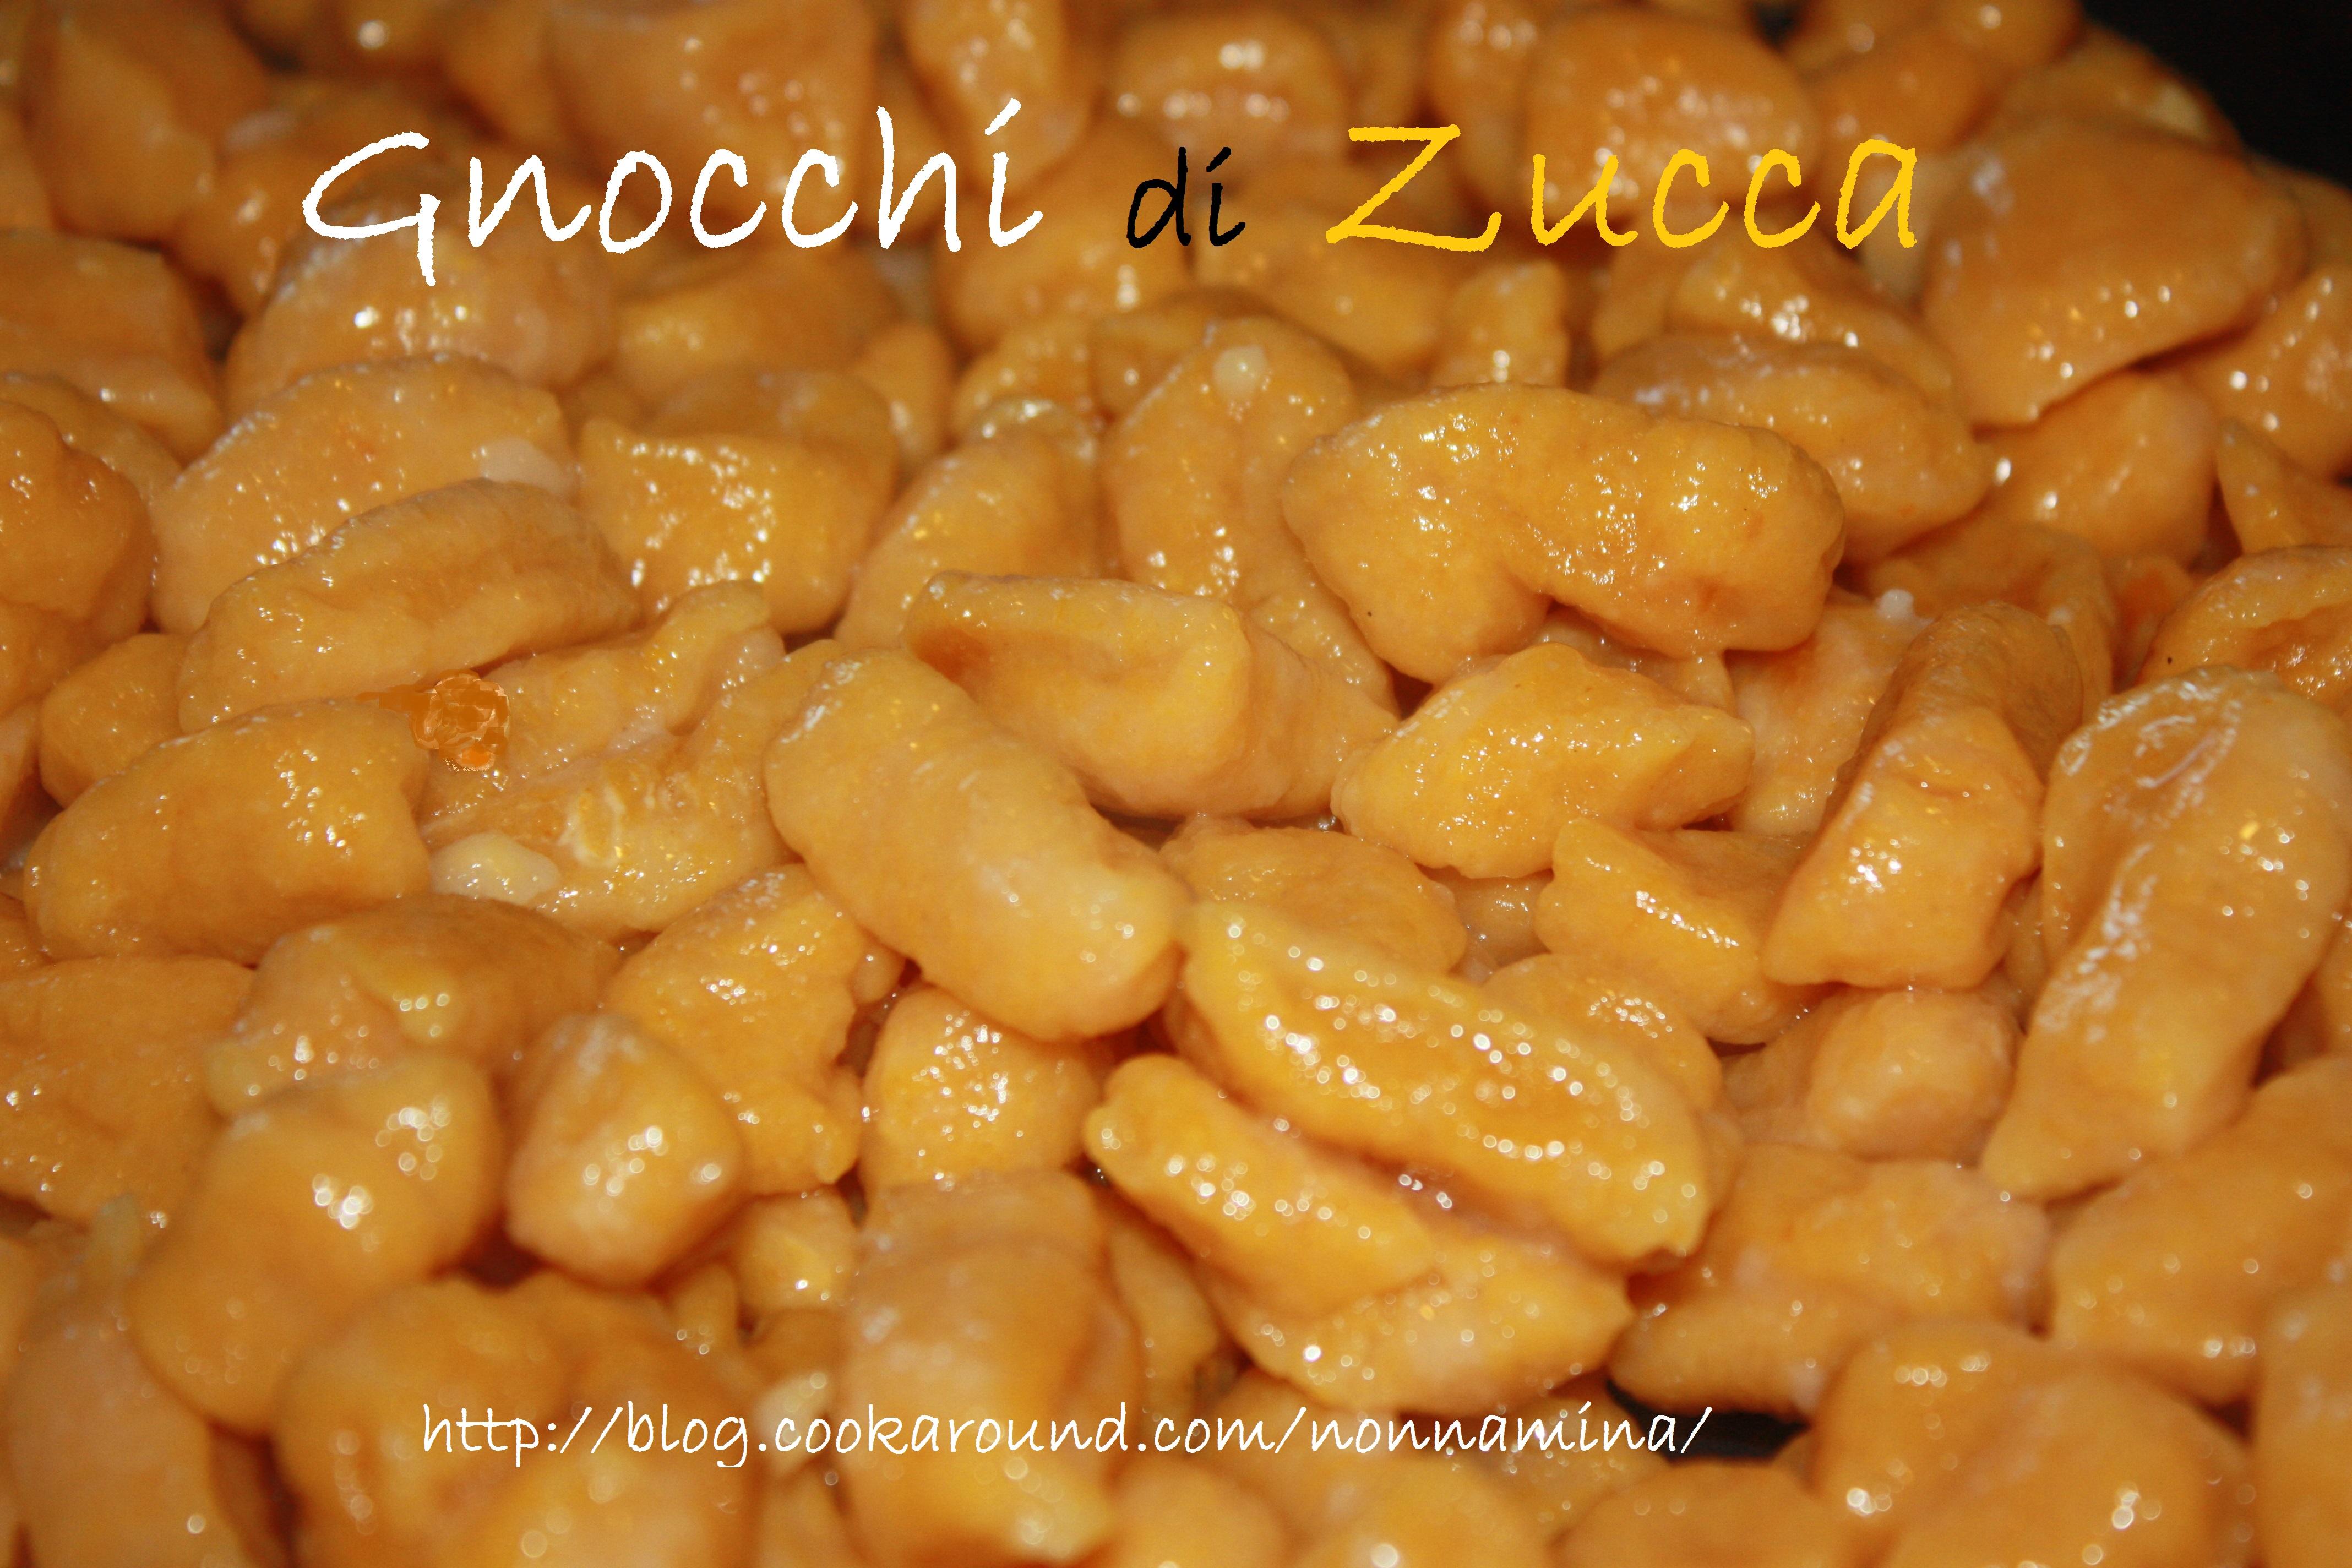 Ricette Bimby Gnocchi Zucca.Gnocchi Di Zucca E Patate